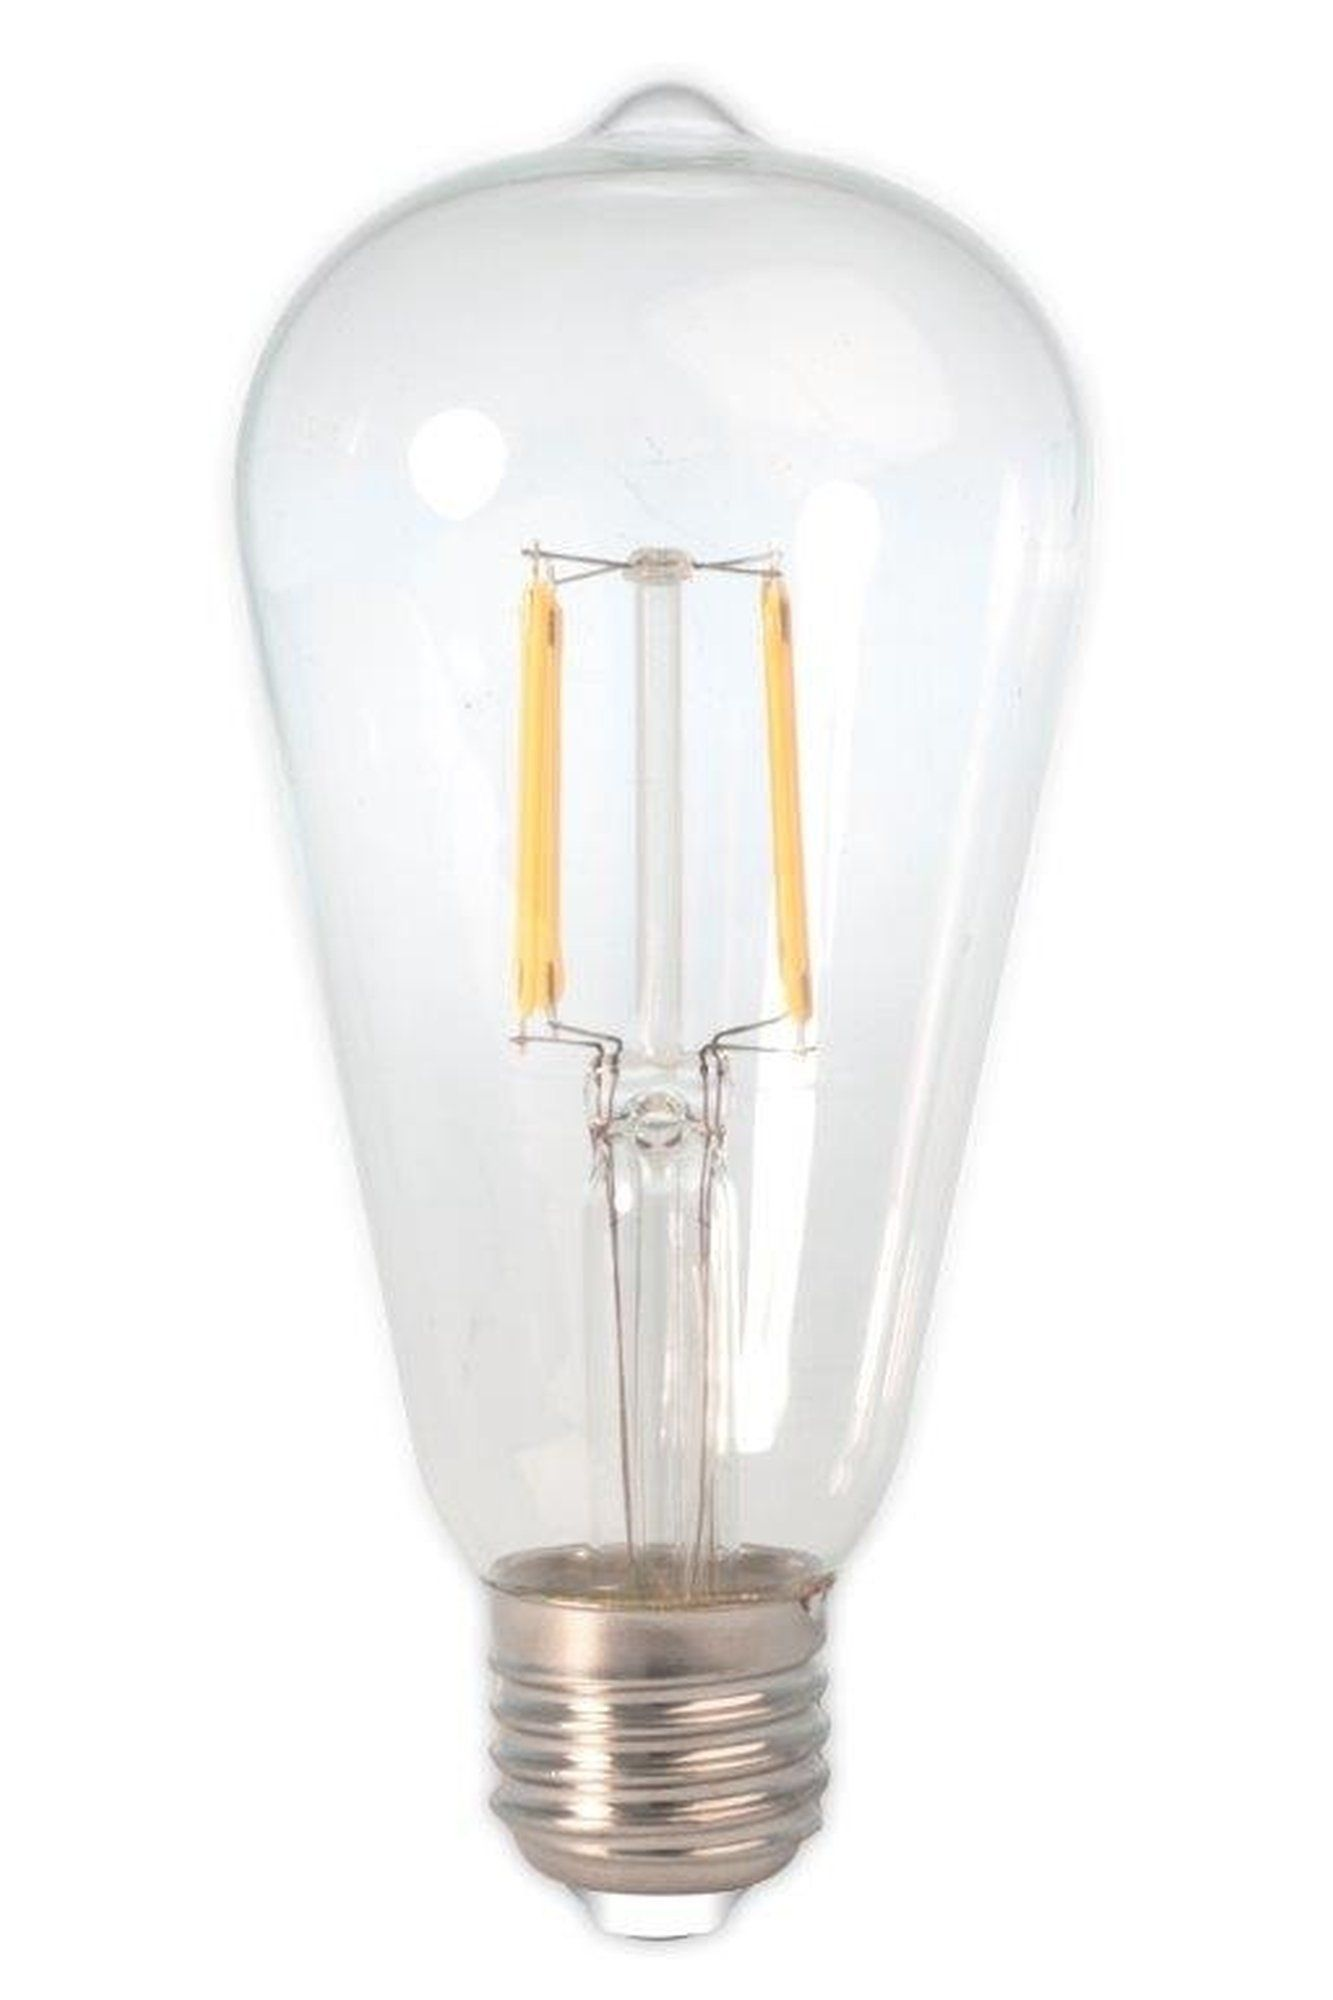 Led Fila Rustiek Wit Kopen Bestel Online Of Kom Naar Een Van Onze Winkels Kwantum Daar Woon Je Beter Van Light Bulb Rustiek Wit Led